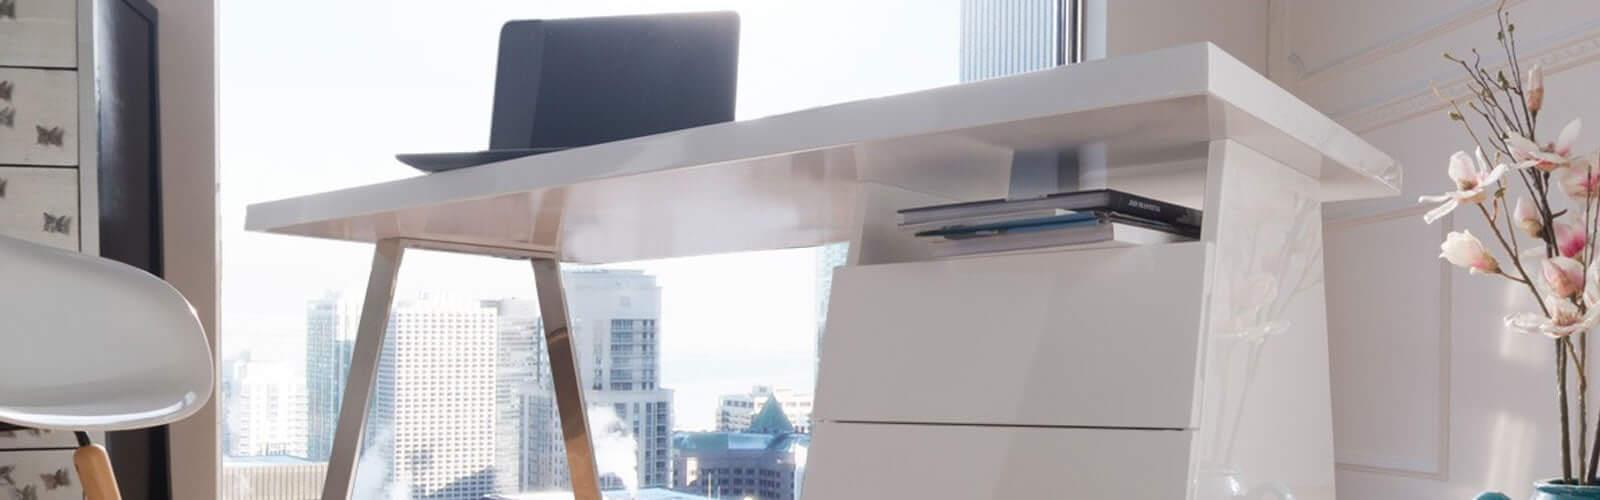 Hochglanz Möbel lackiert oder foliert